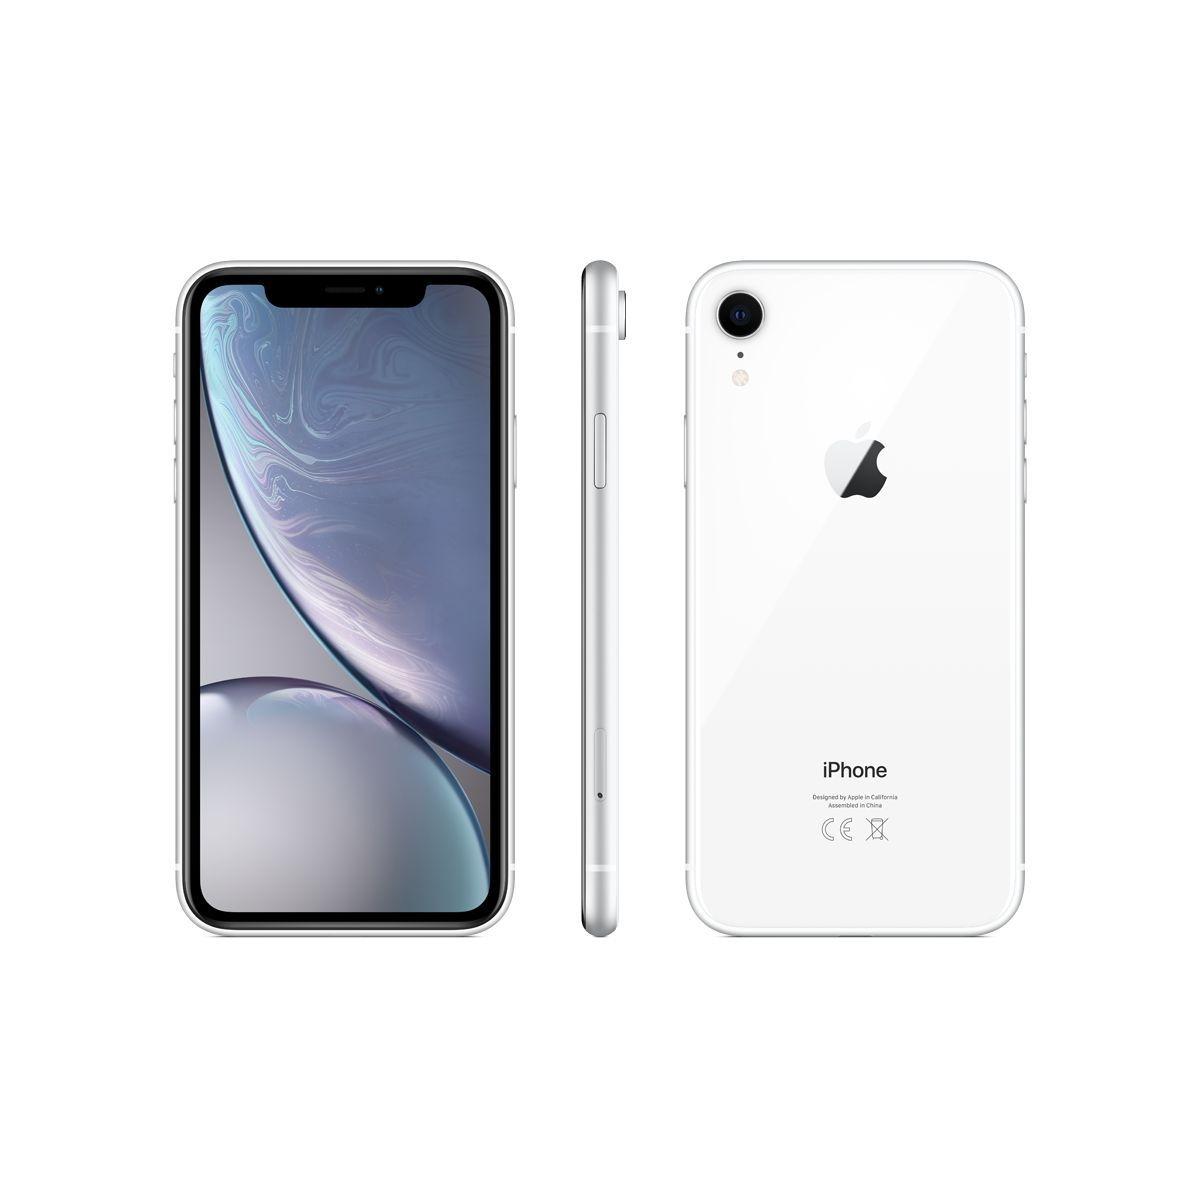 iPhone meilleur rapport qualité/prix